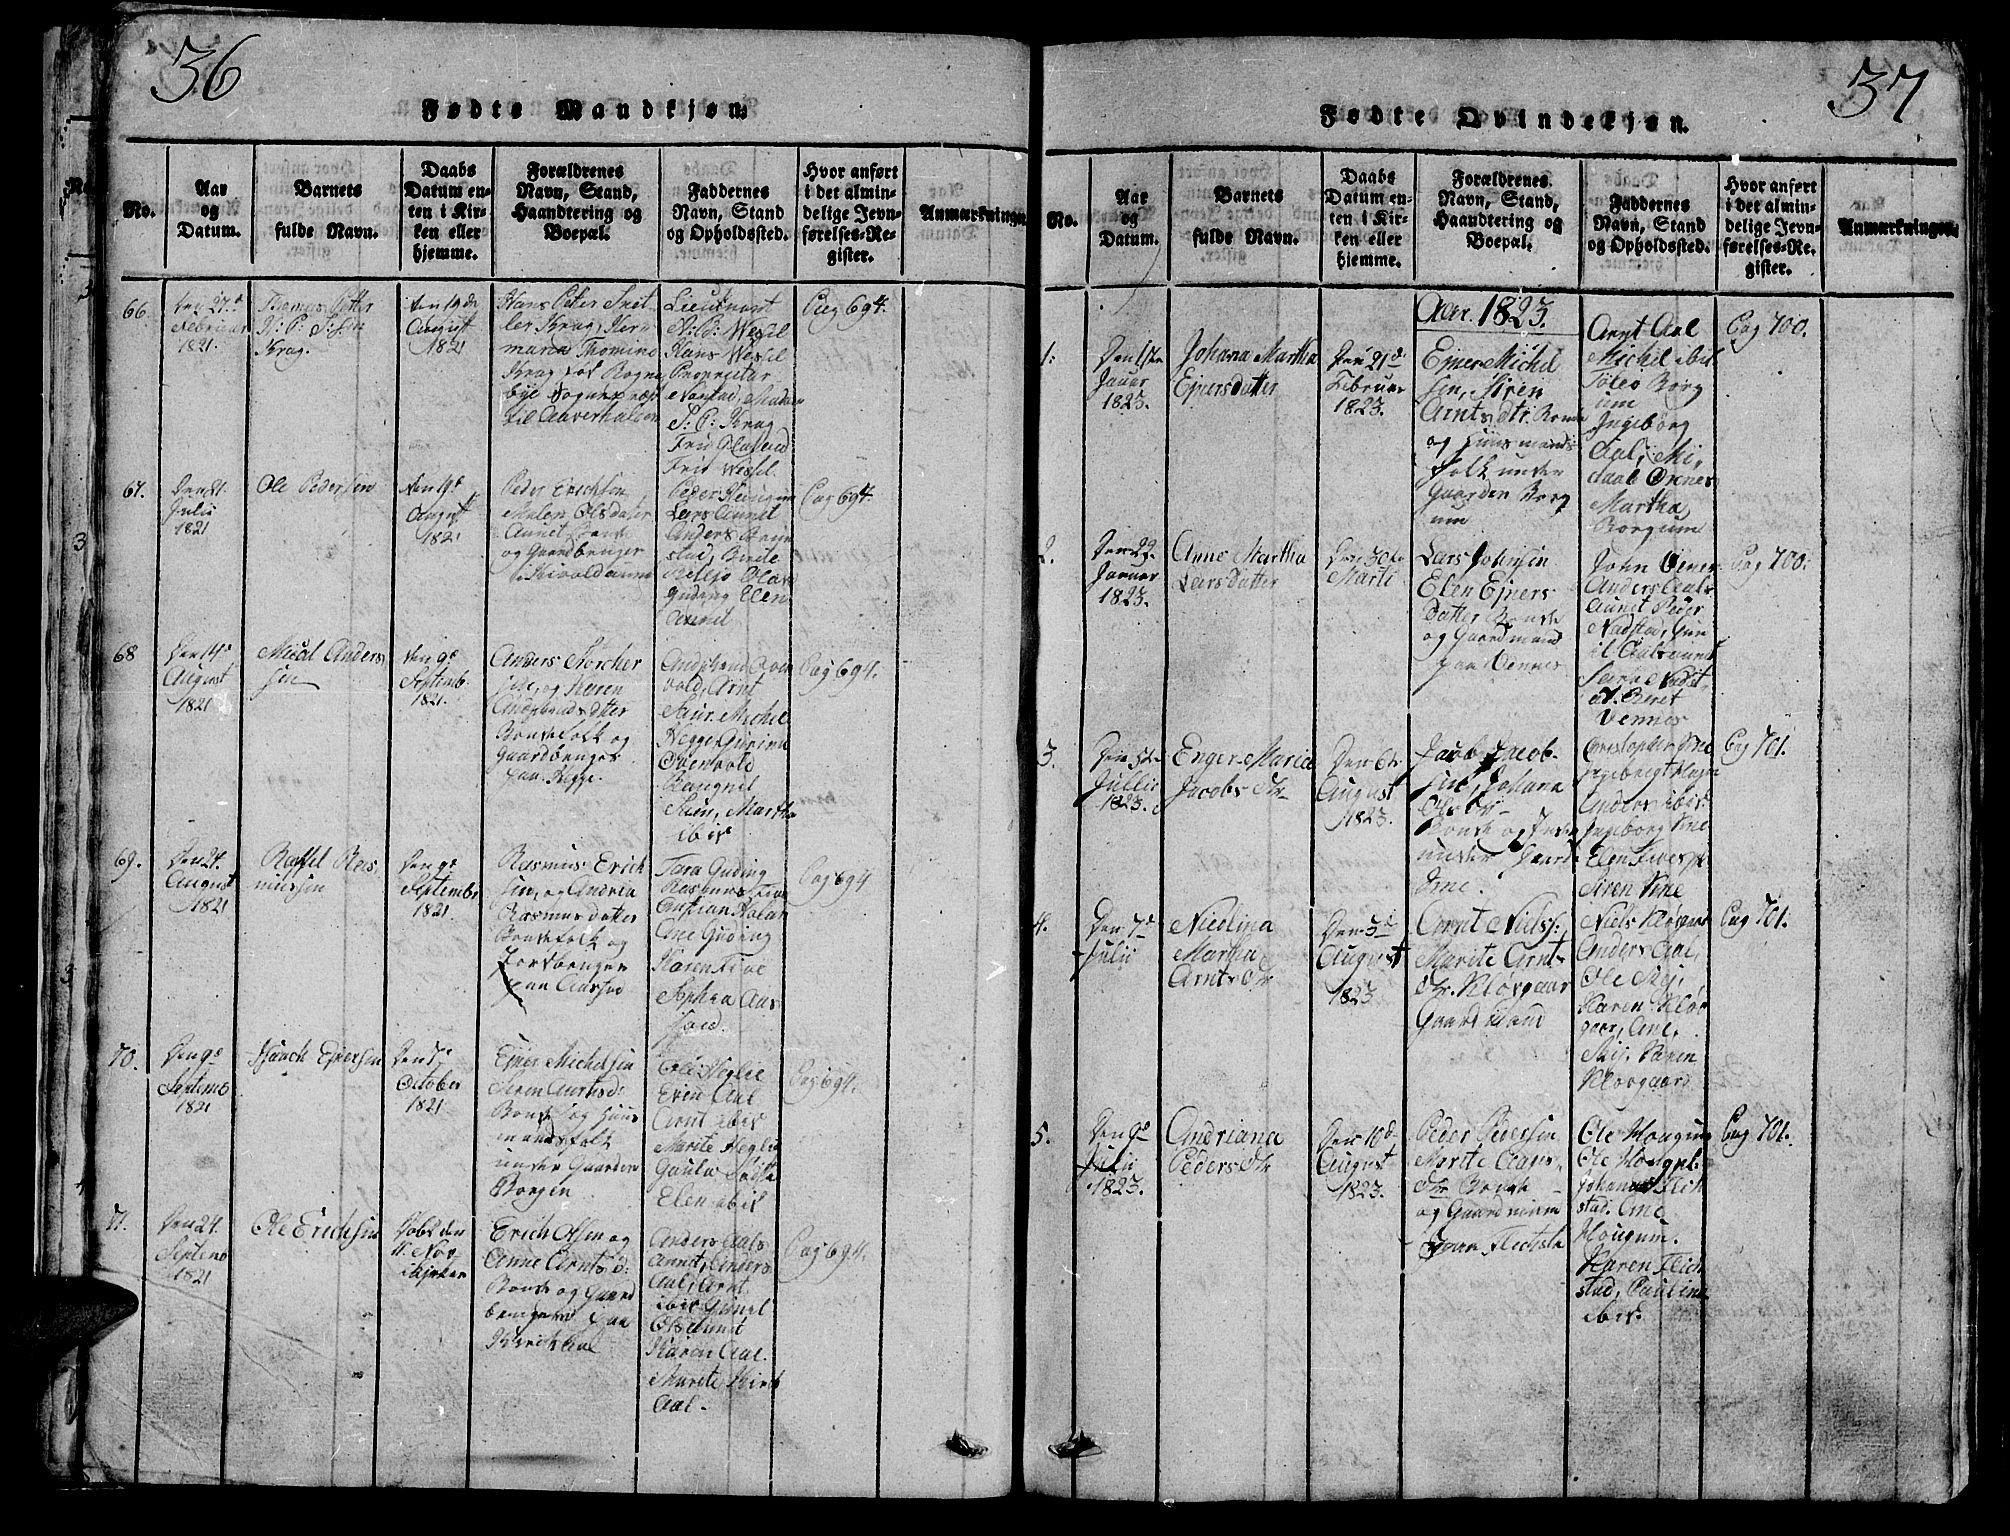 SAT, Ministerialprotokoller, klokkerbøker og fødselsregistre - Nord-Trøndelag, 747/L0459: Klokkerbok nr. 747C01, 1816-1842, s. 36-37